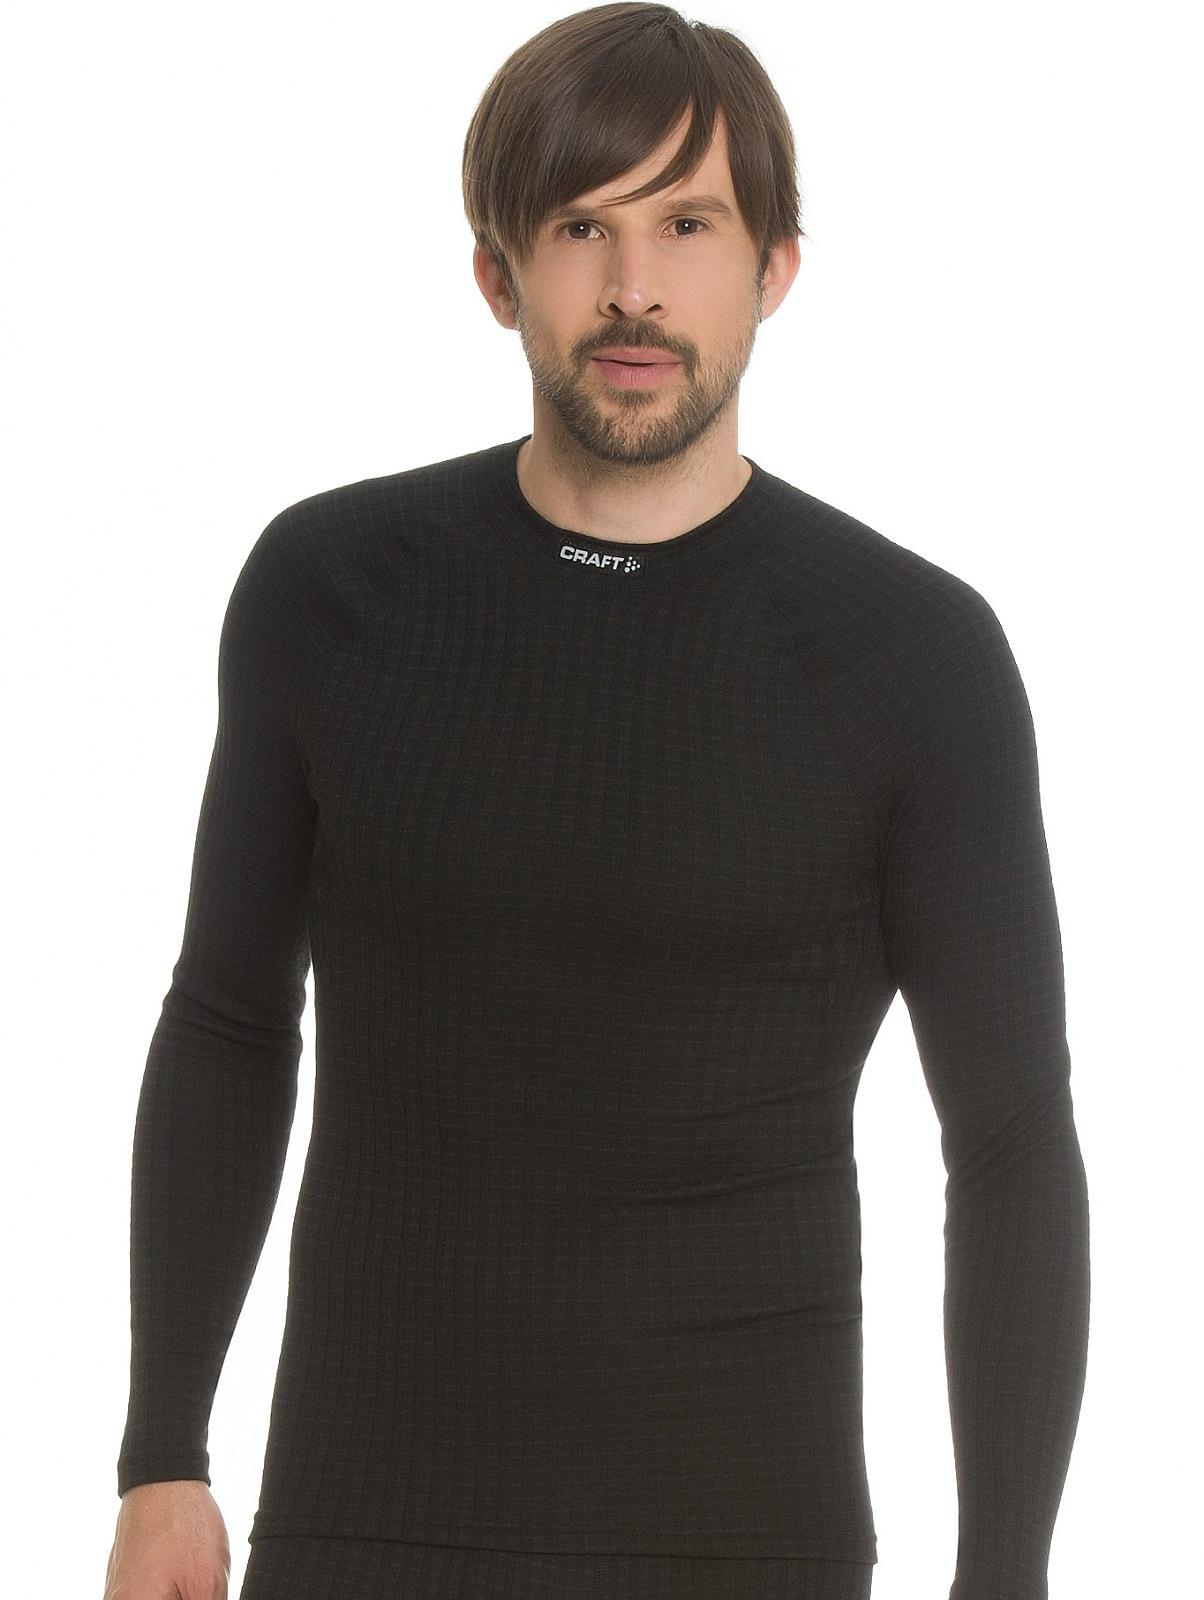 Мужское термобелье рубашка с шерстью мериноса Craft Warm Wool Black (1903726-9999) фото